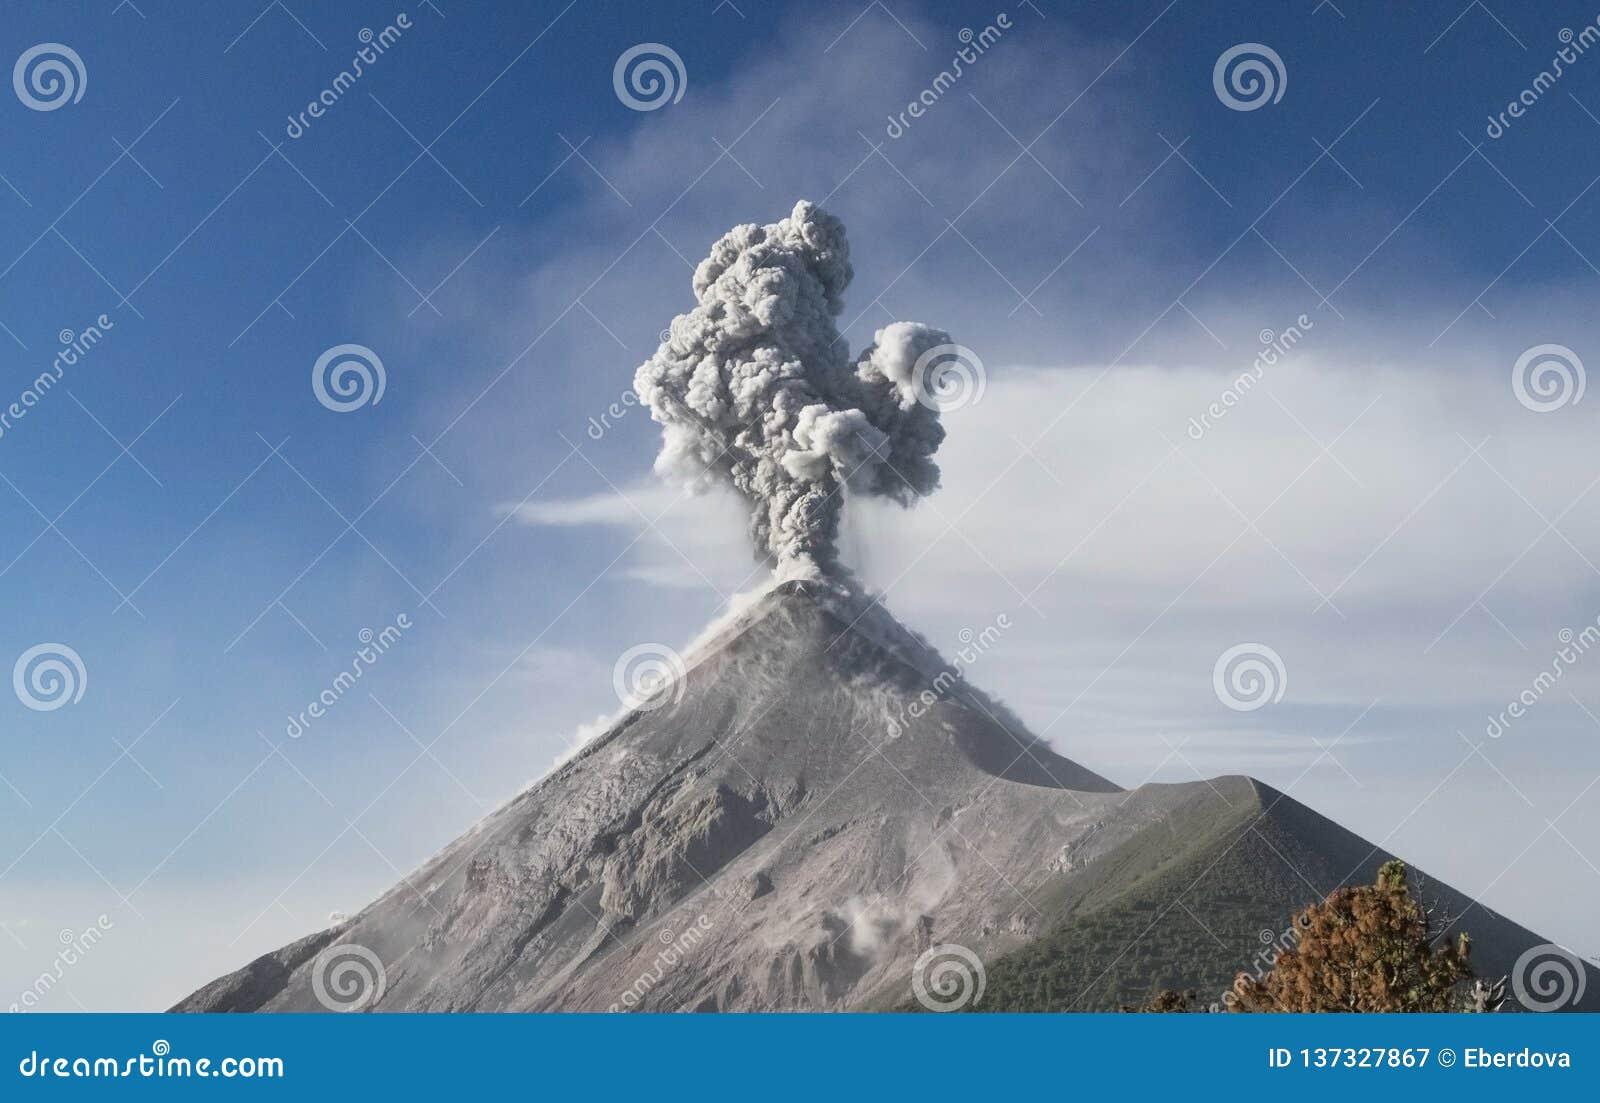 Έκρηξη του ενεργού ηφαιστείου Fuego